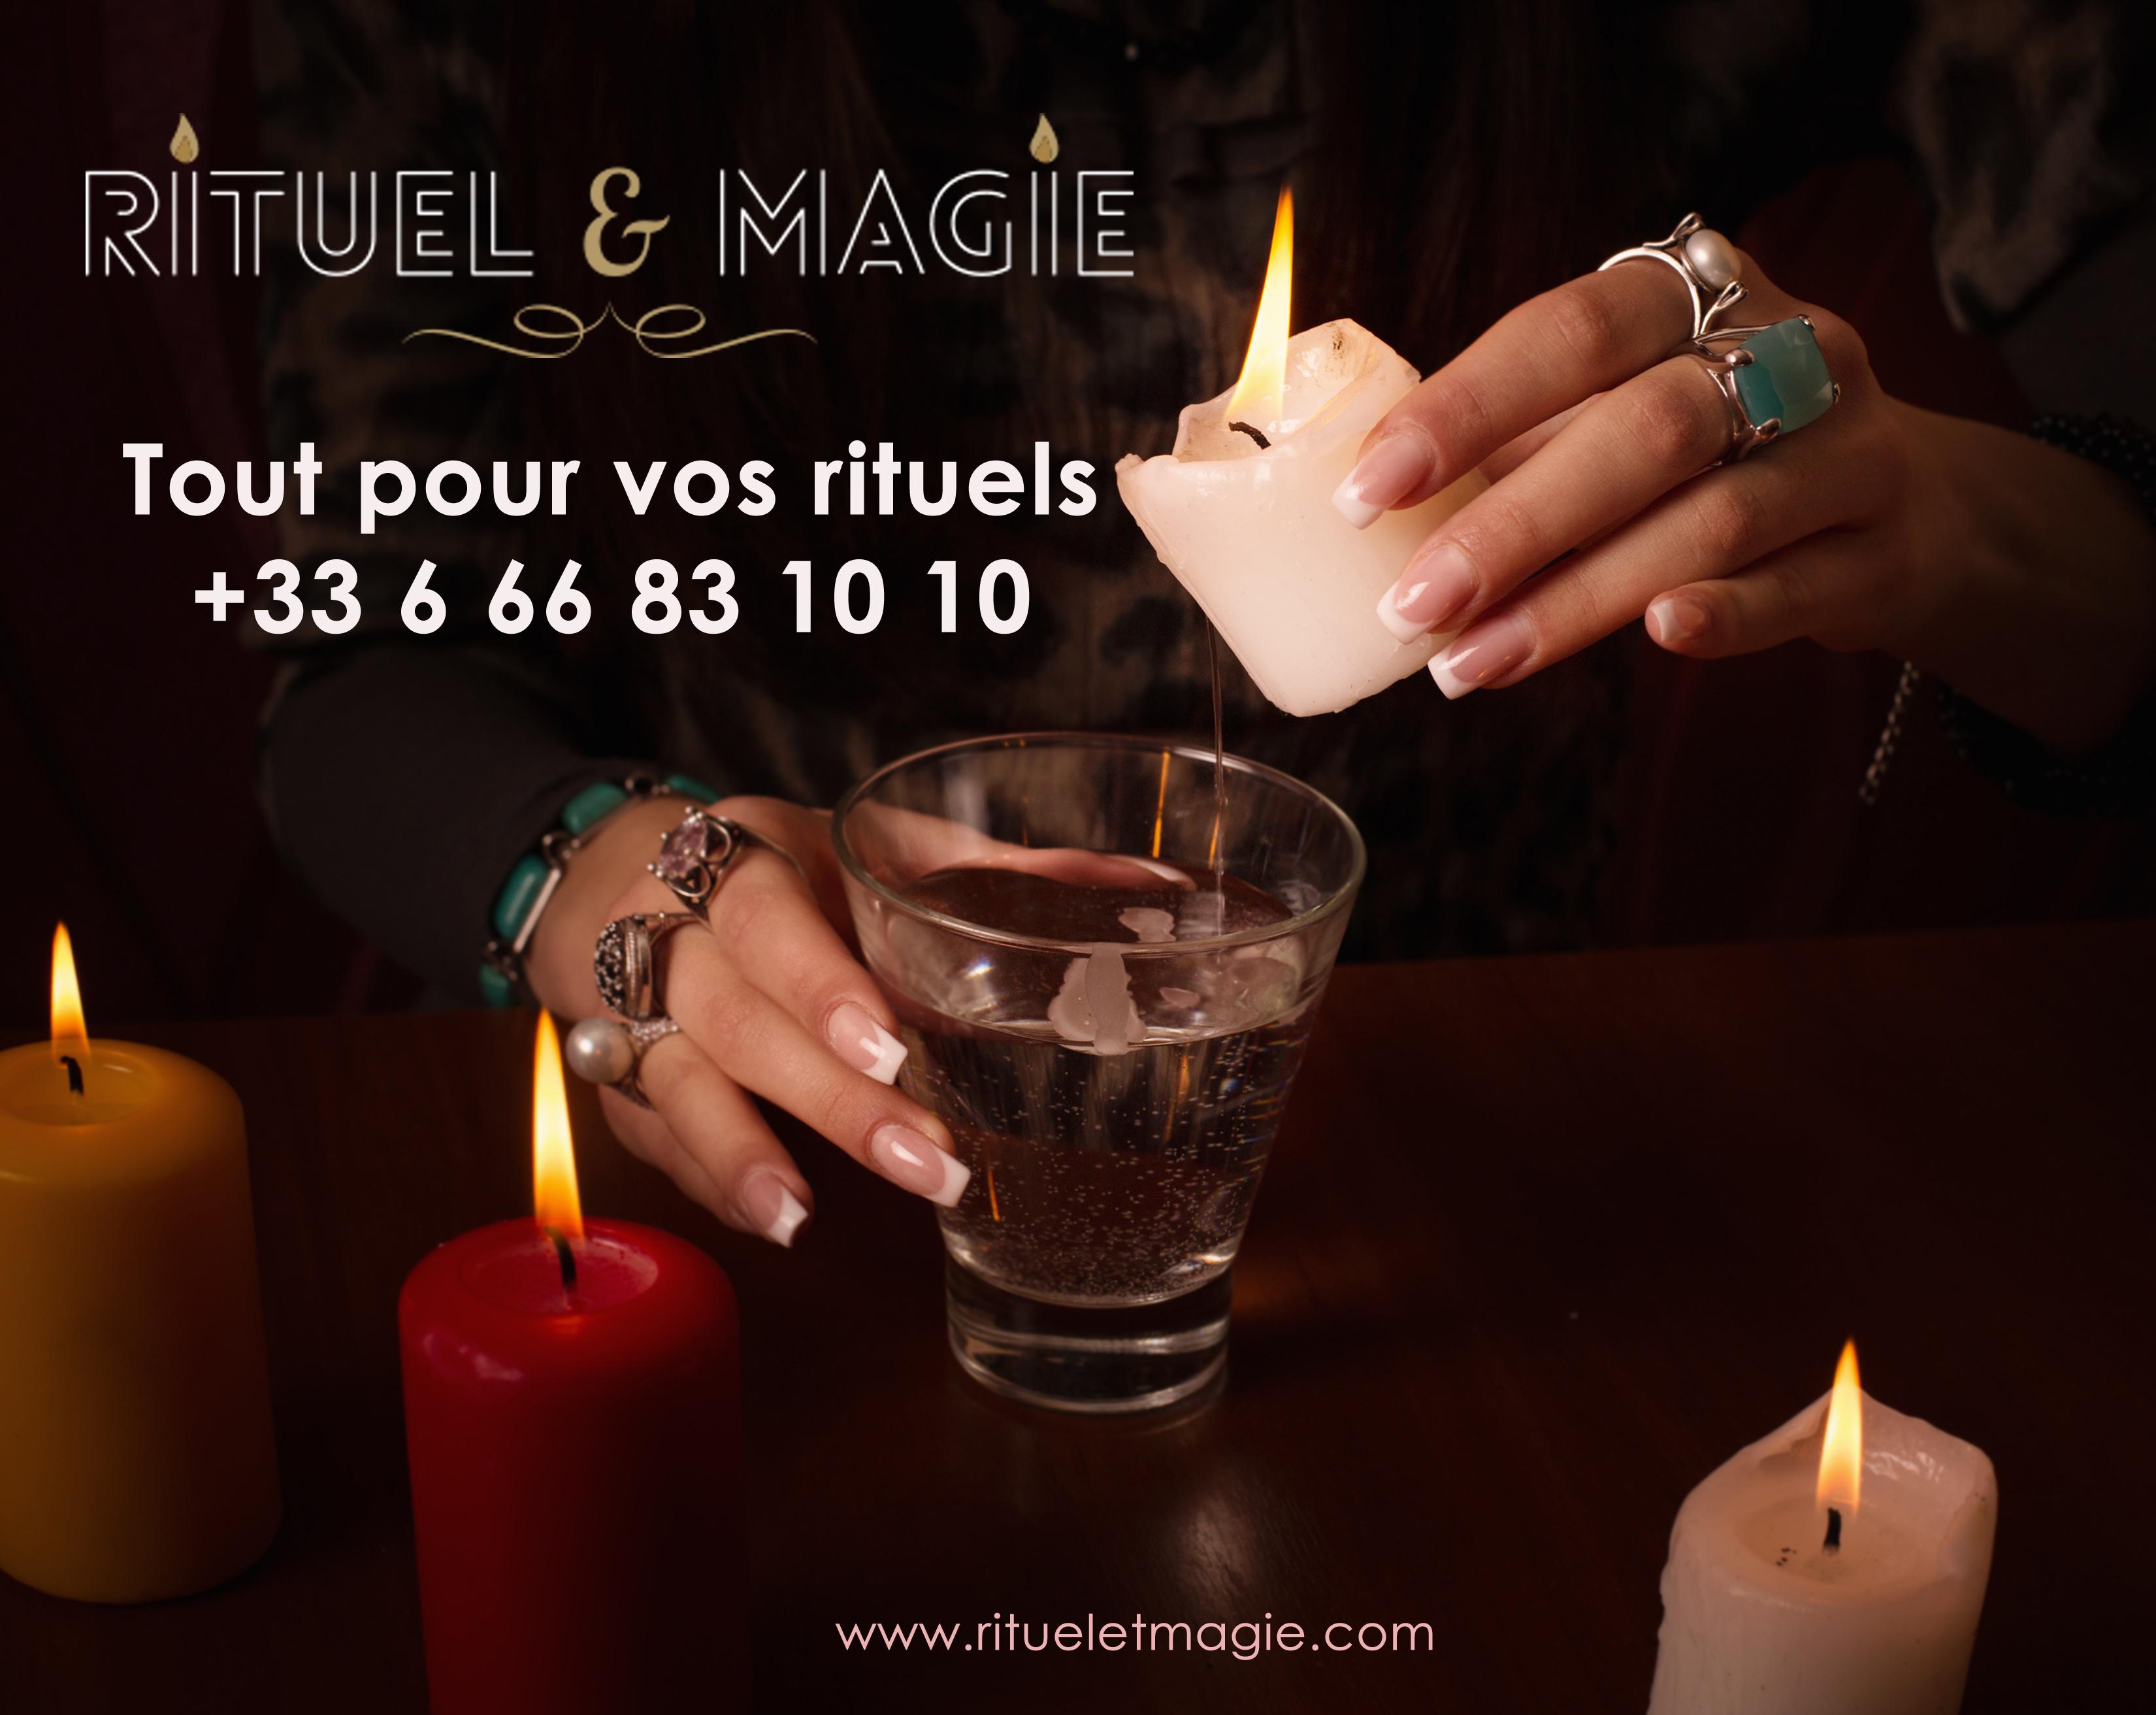 Rituel et magie - magie blanche